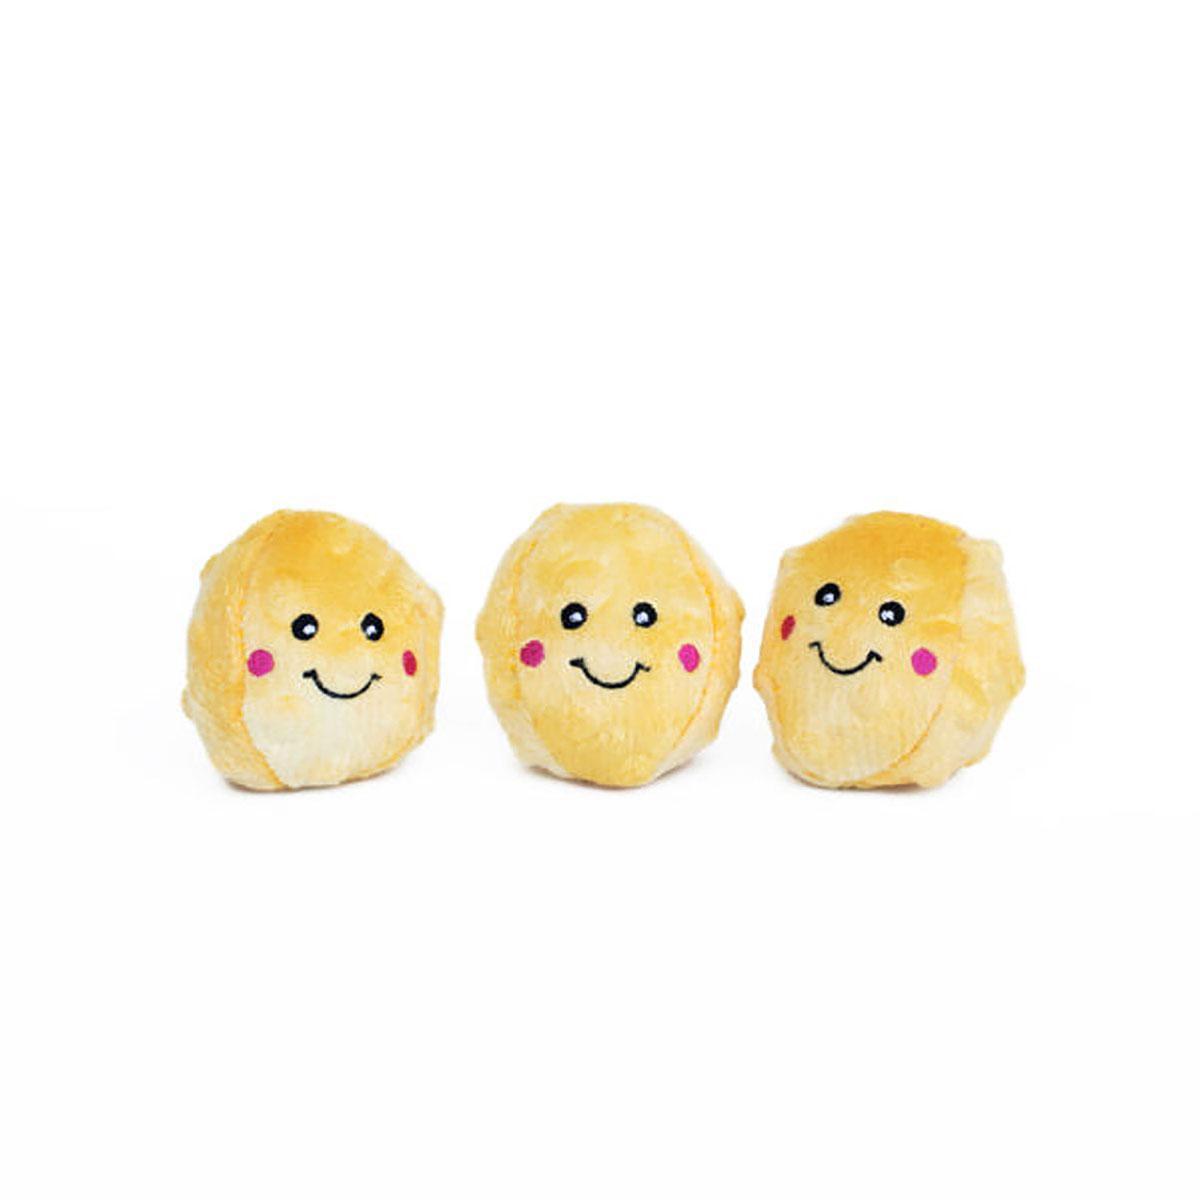 ZippyPaws Miniz Dog Toys - Popcorns